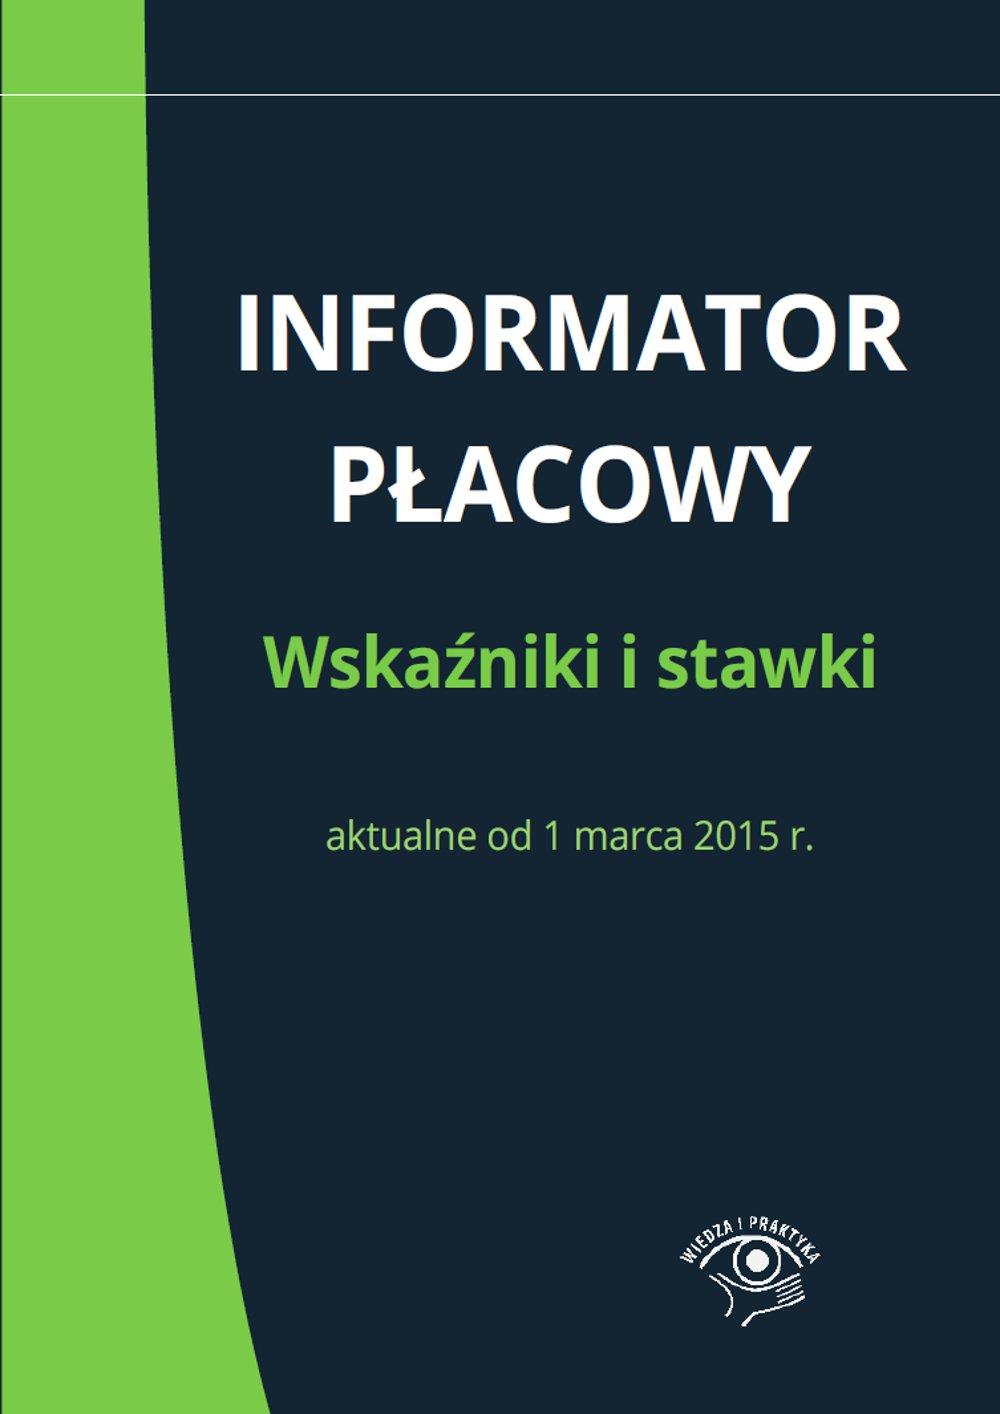 Informator płacowy. Wskaźniki i stawki aktualne od 1 marca 2015 r. - Ebook (Książka PDF) do pobrania w formacie PDF